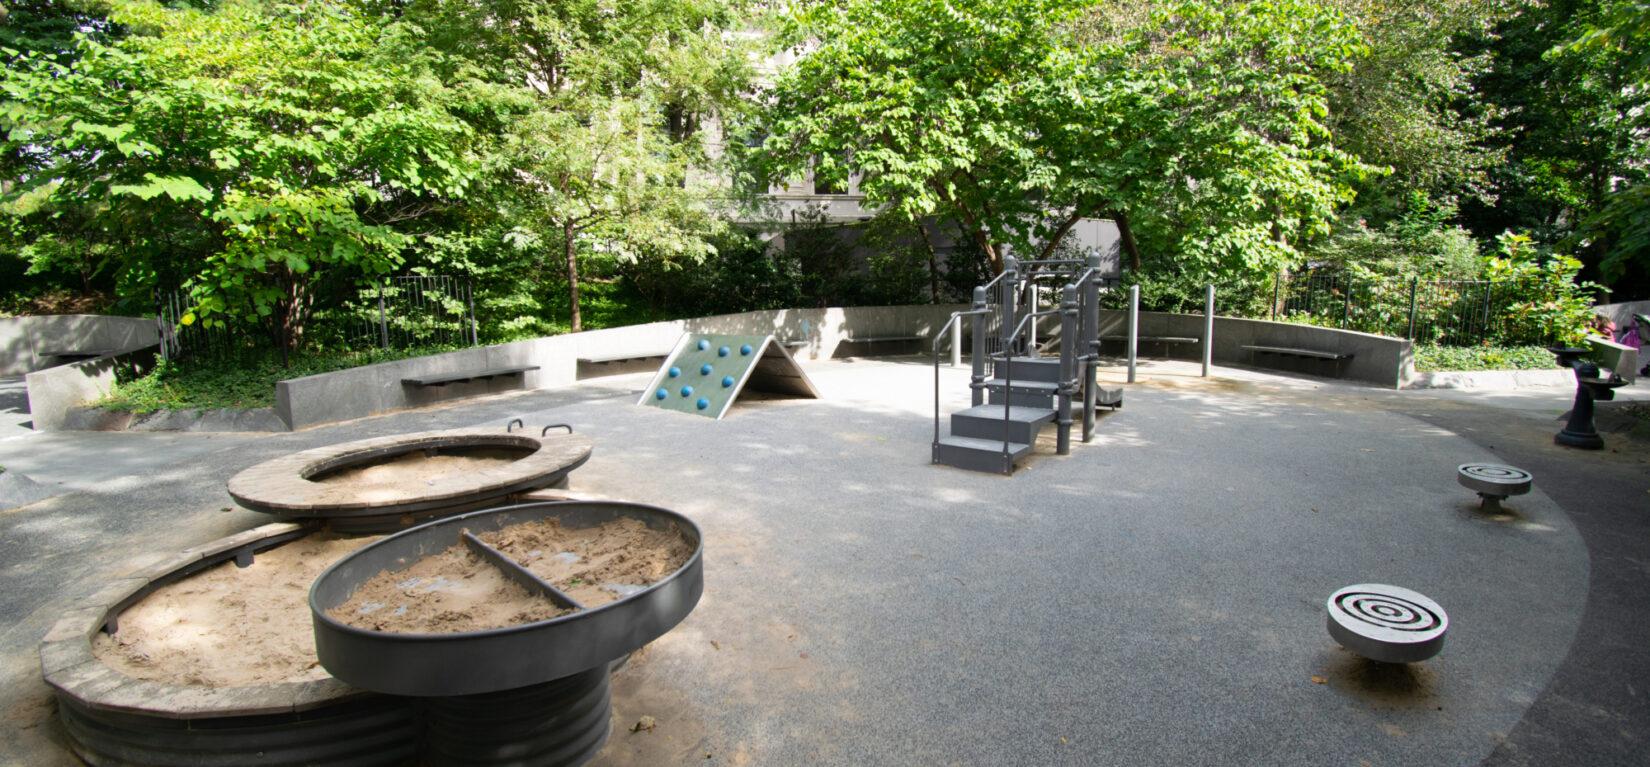 The circular play area features circular sandboxes and circular stools.